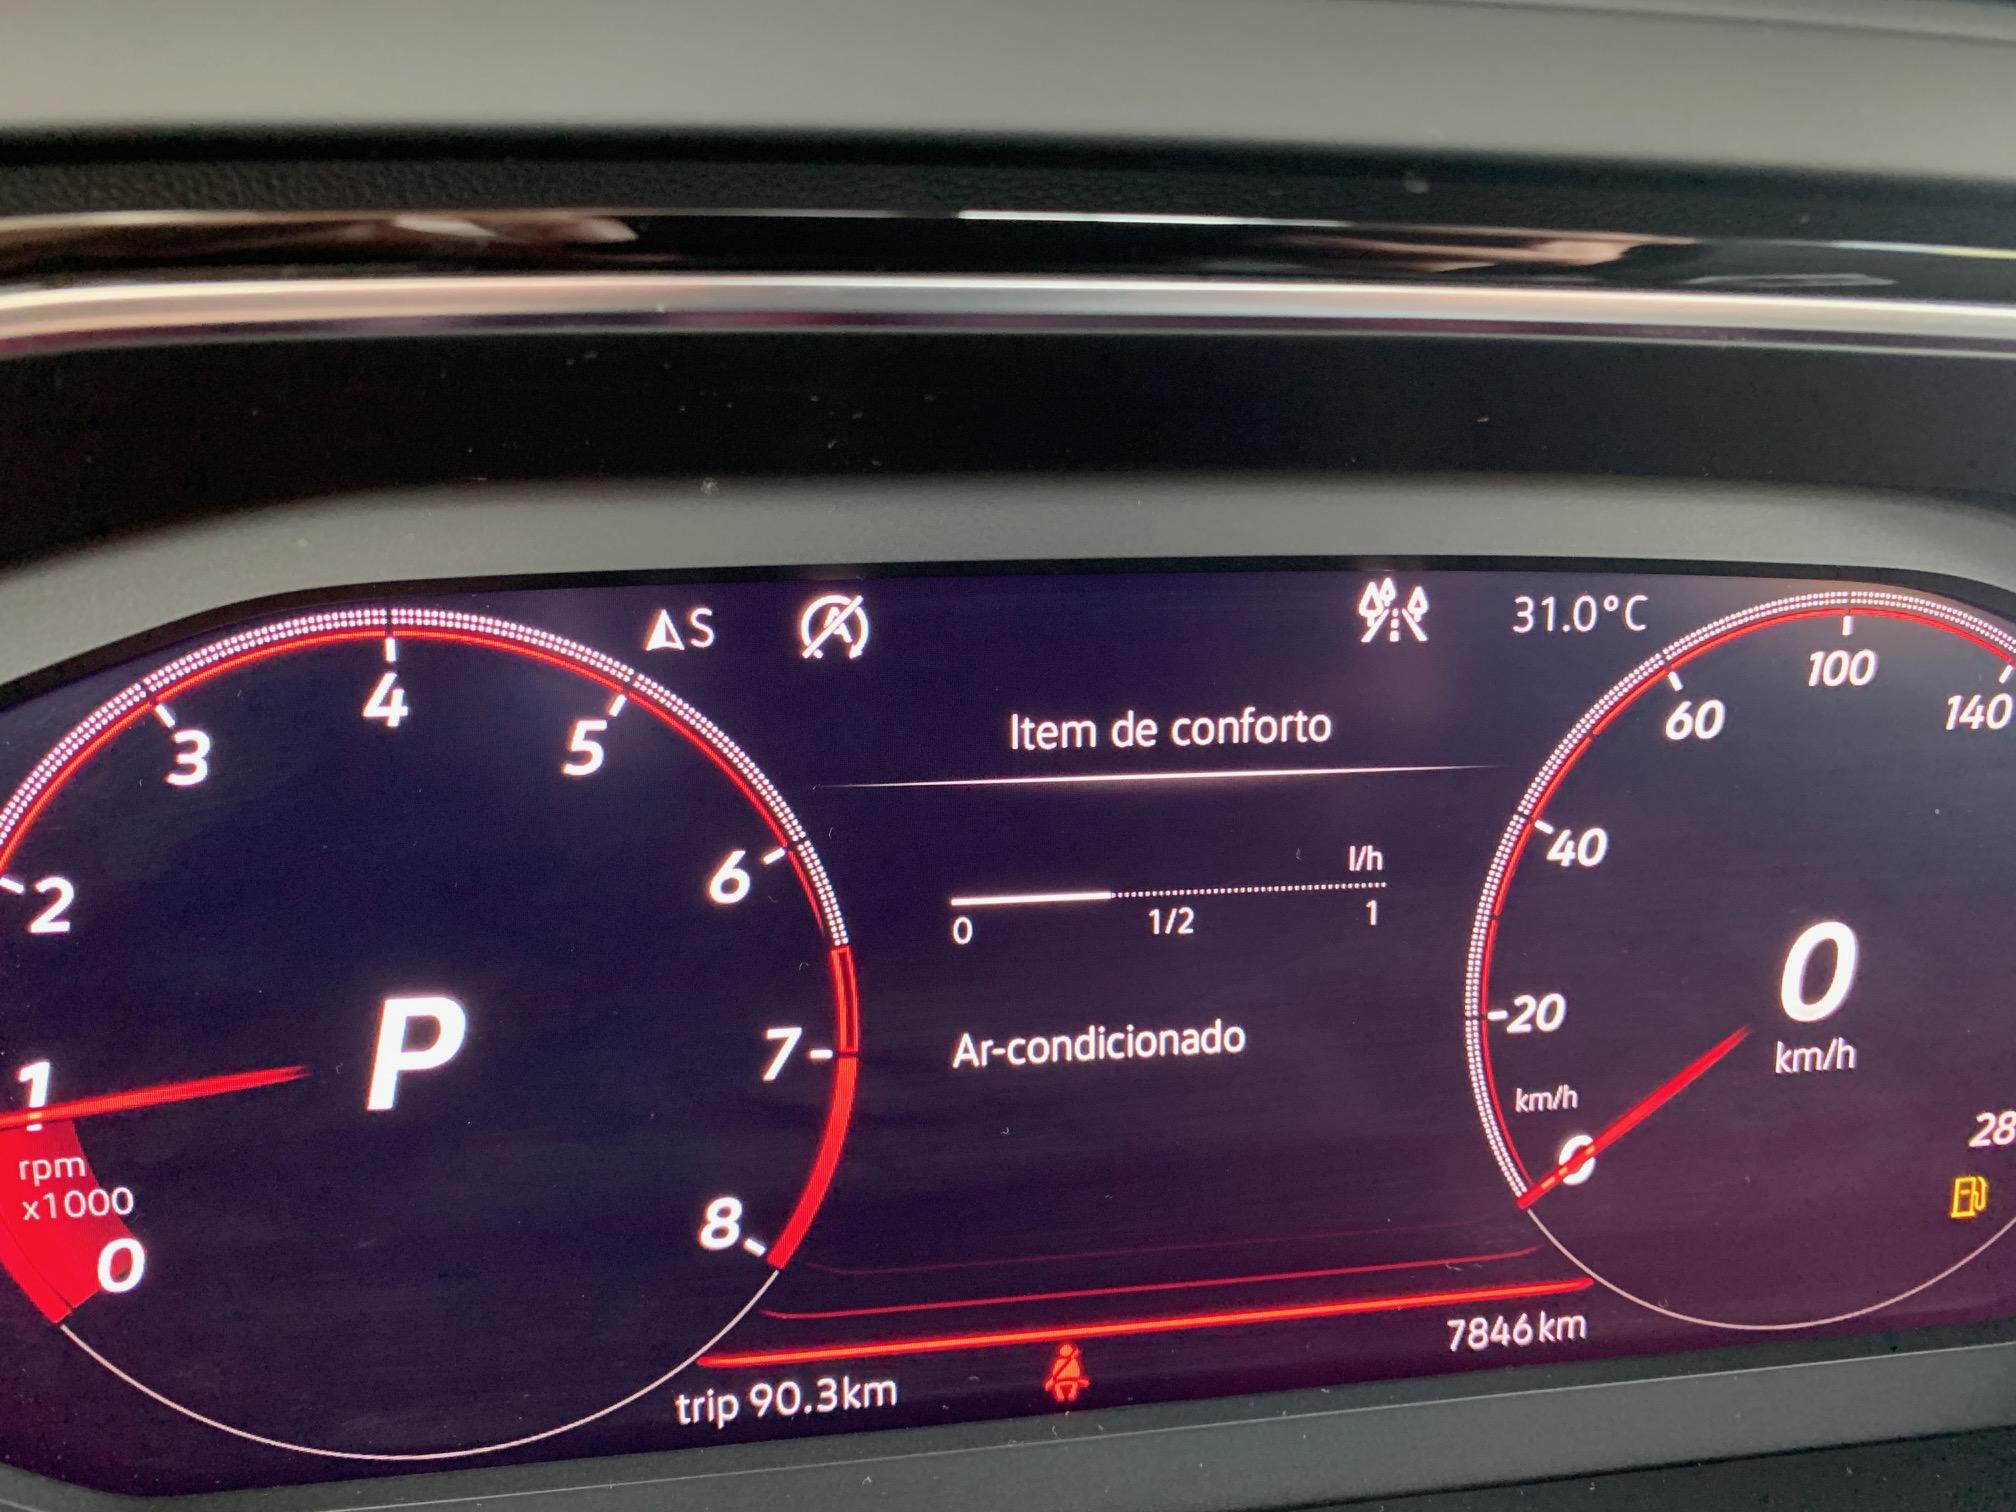 O ar-condicionado ligado consome, em média, 0,6 litro por hora